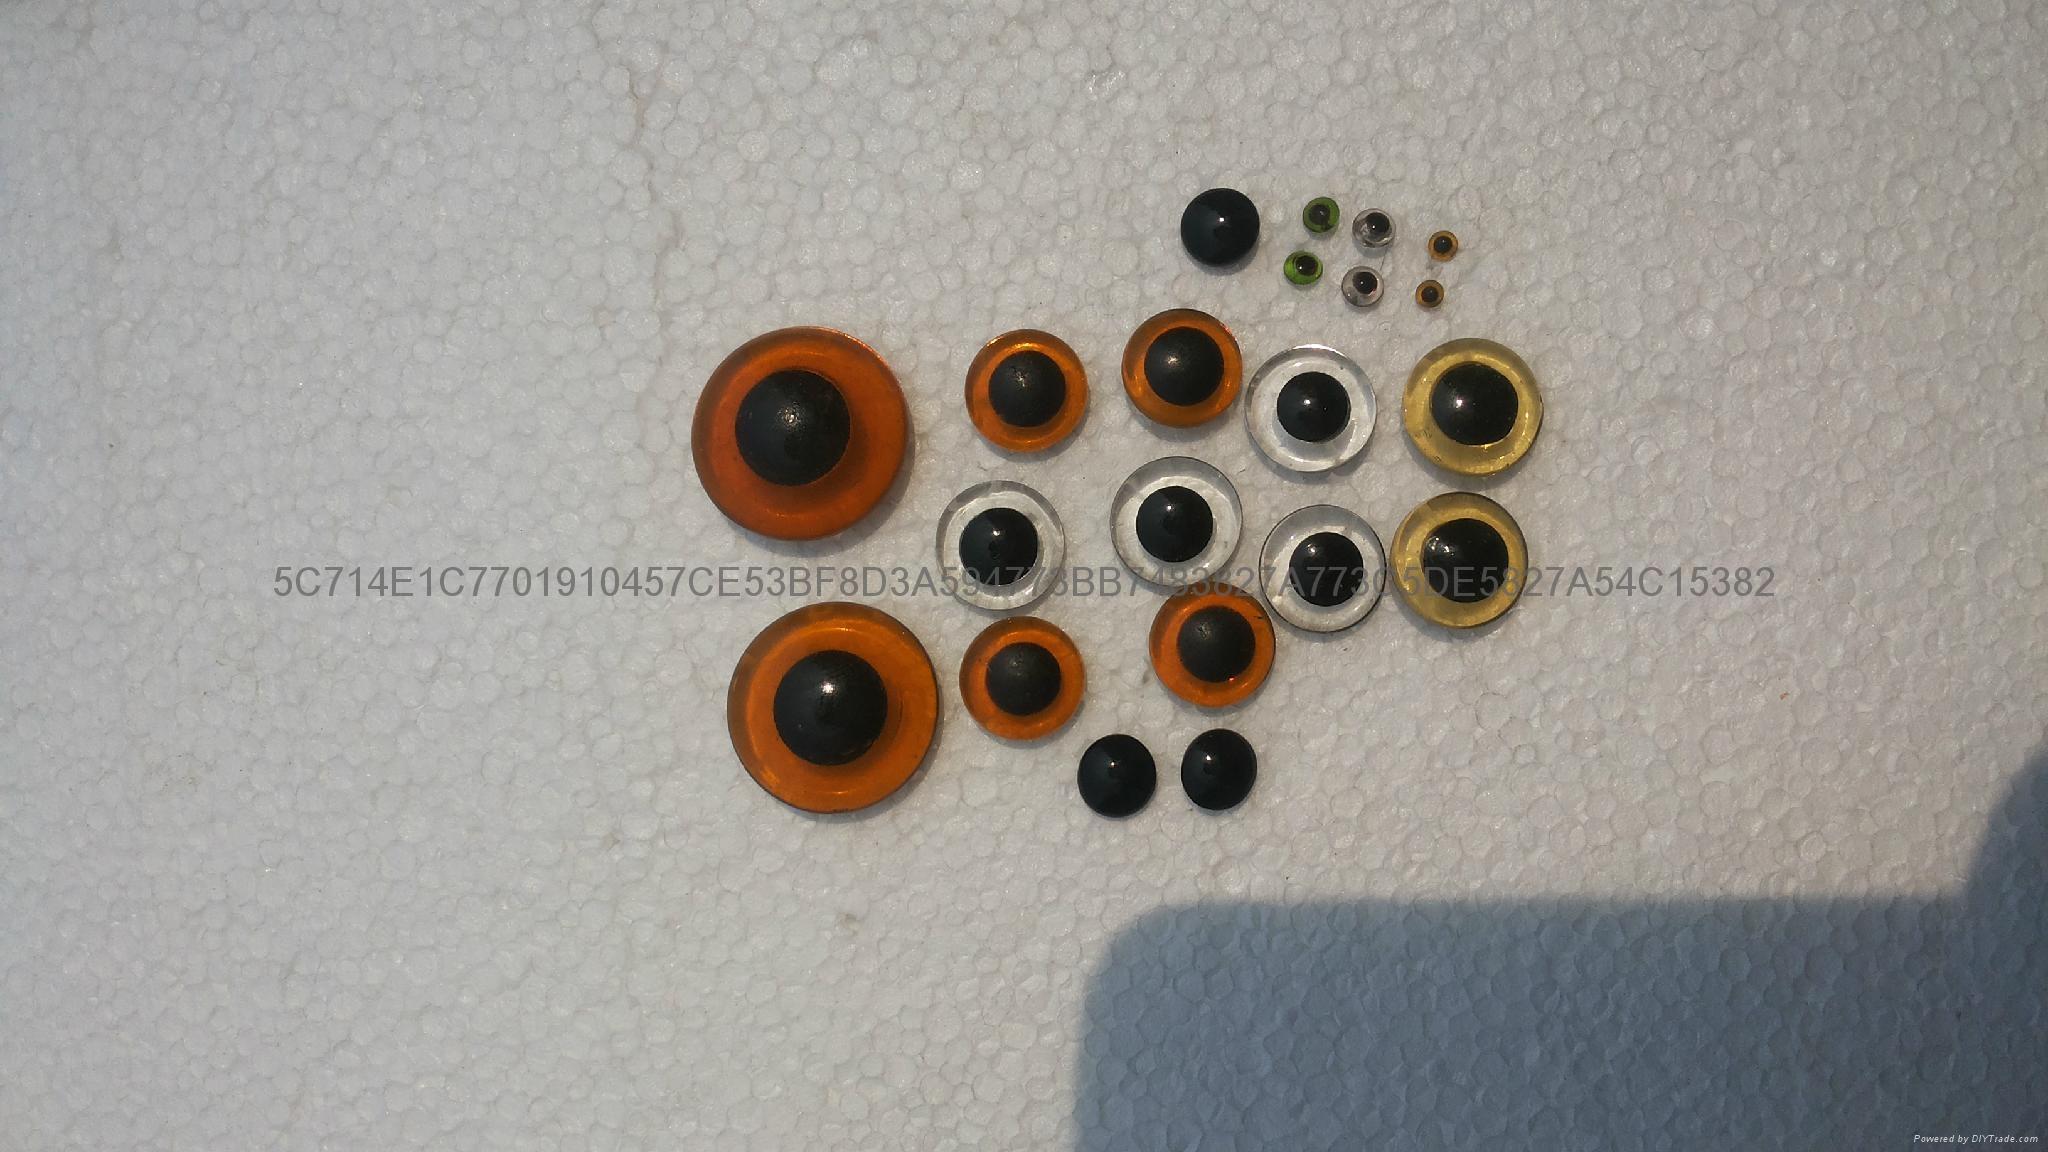 玩具眼玻璃眼睛树脂眼睛玩具配件 2